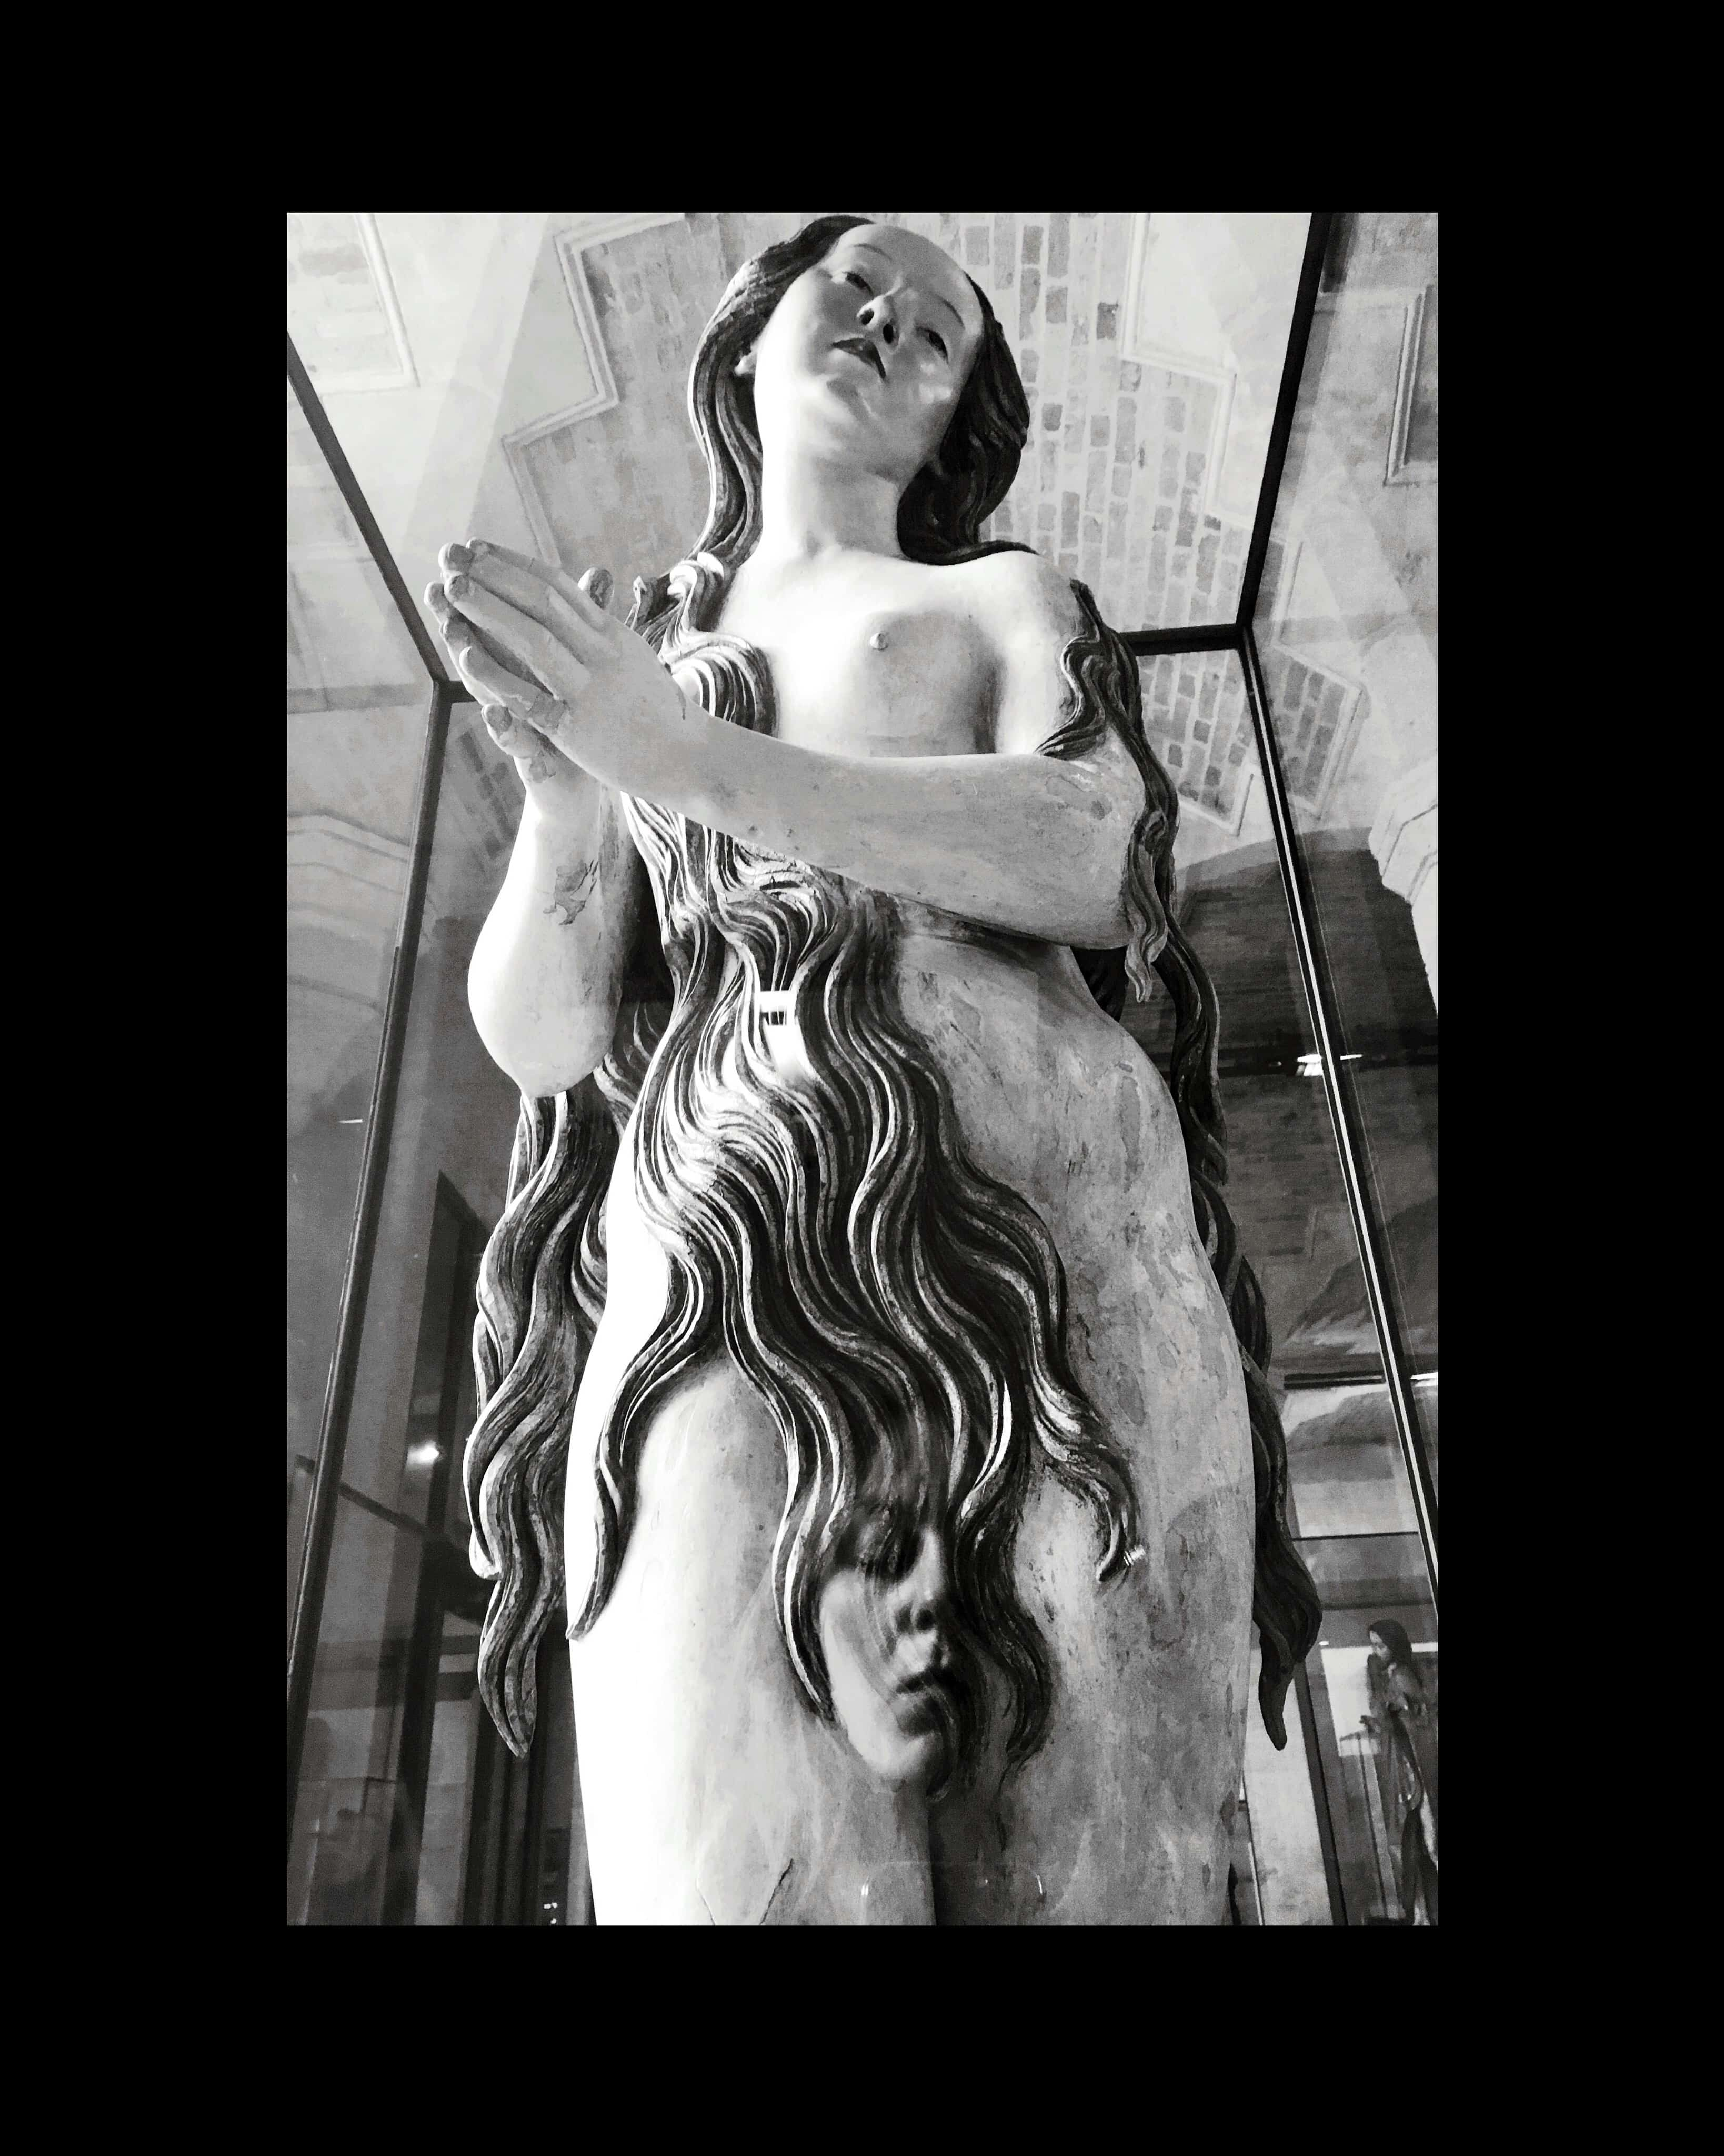 Grande et magnifique sculpture représentant une femme